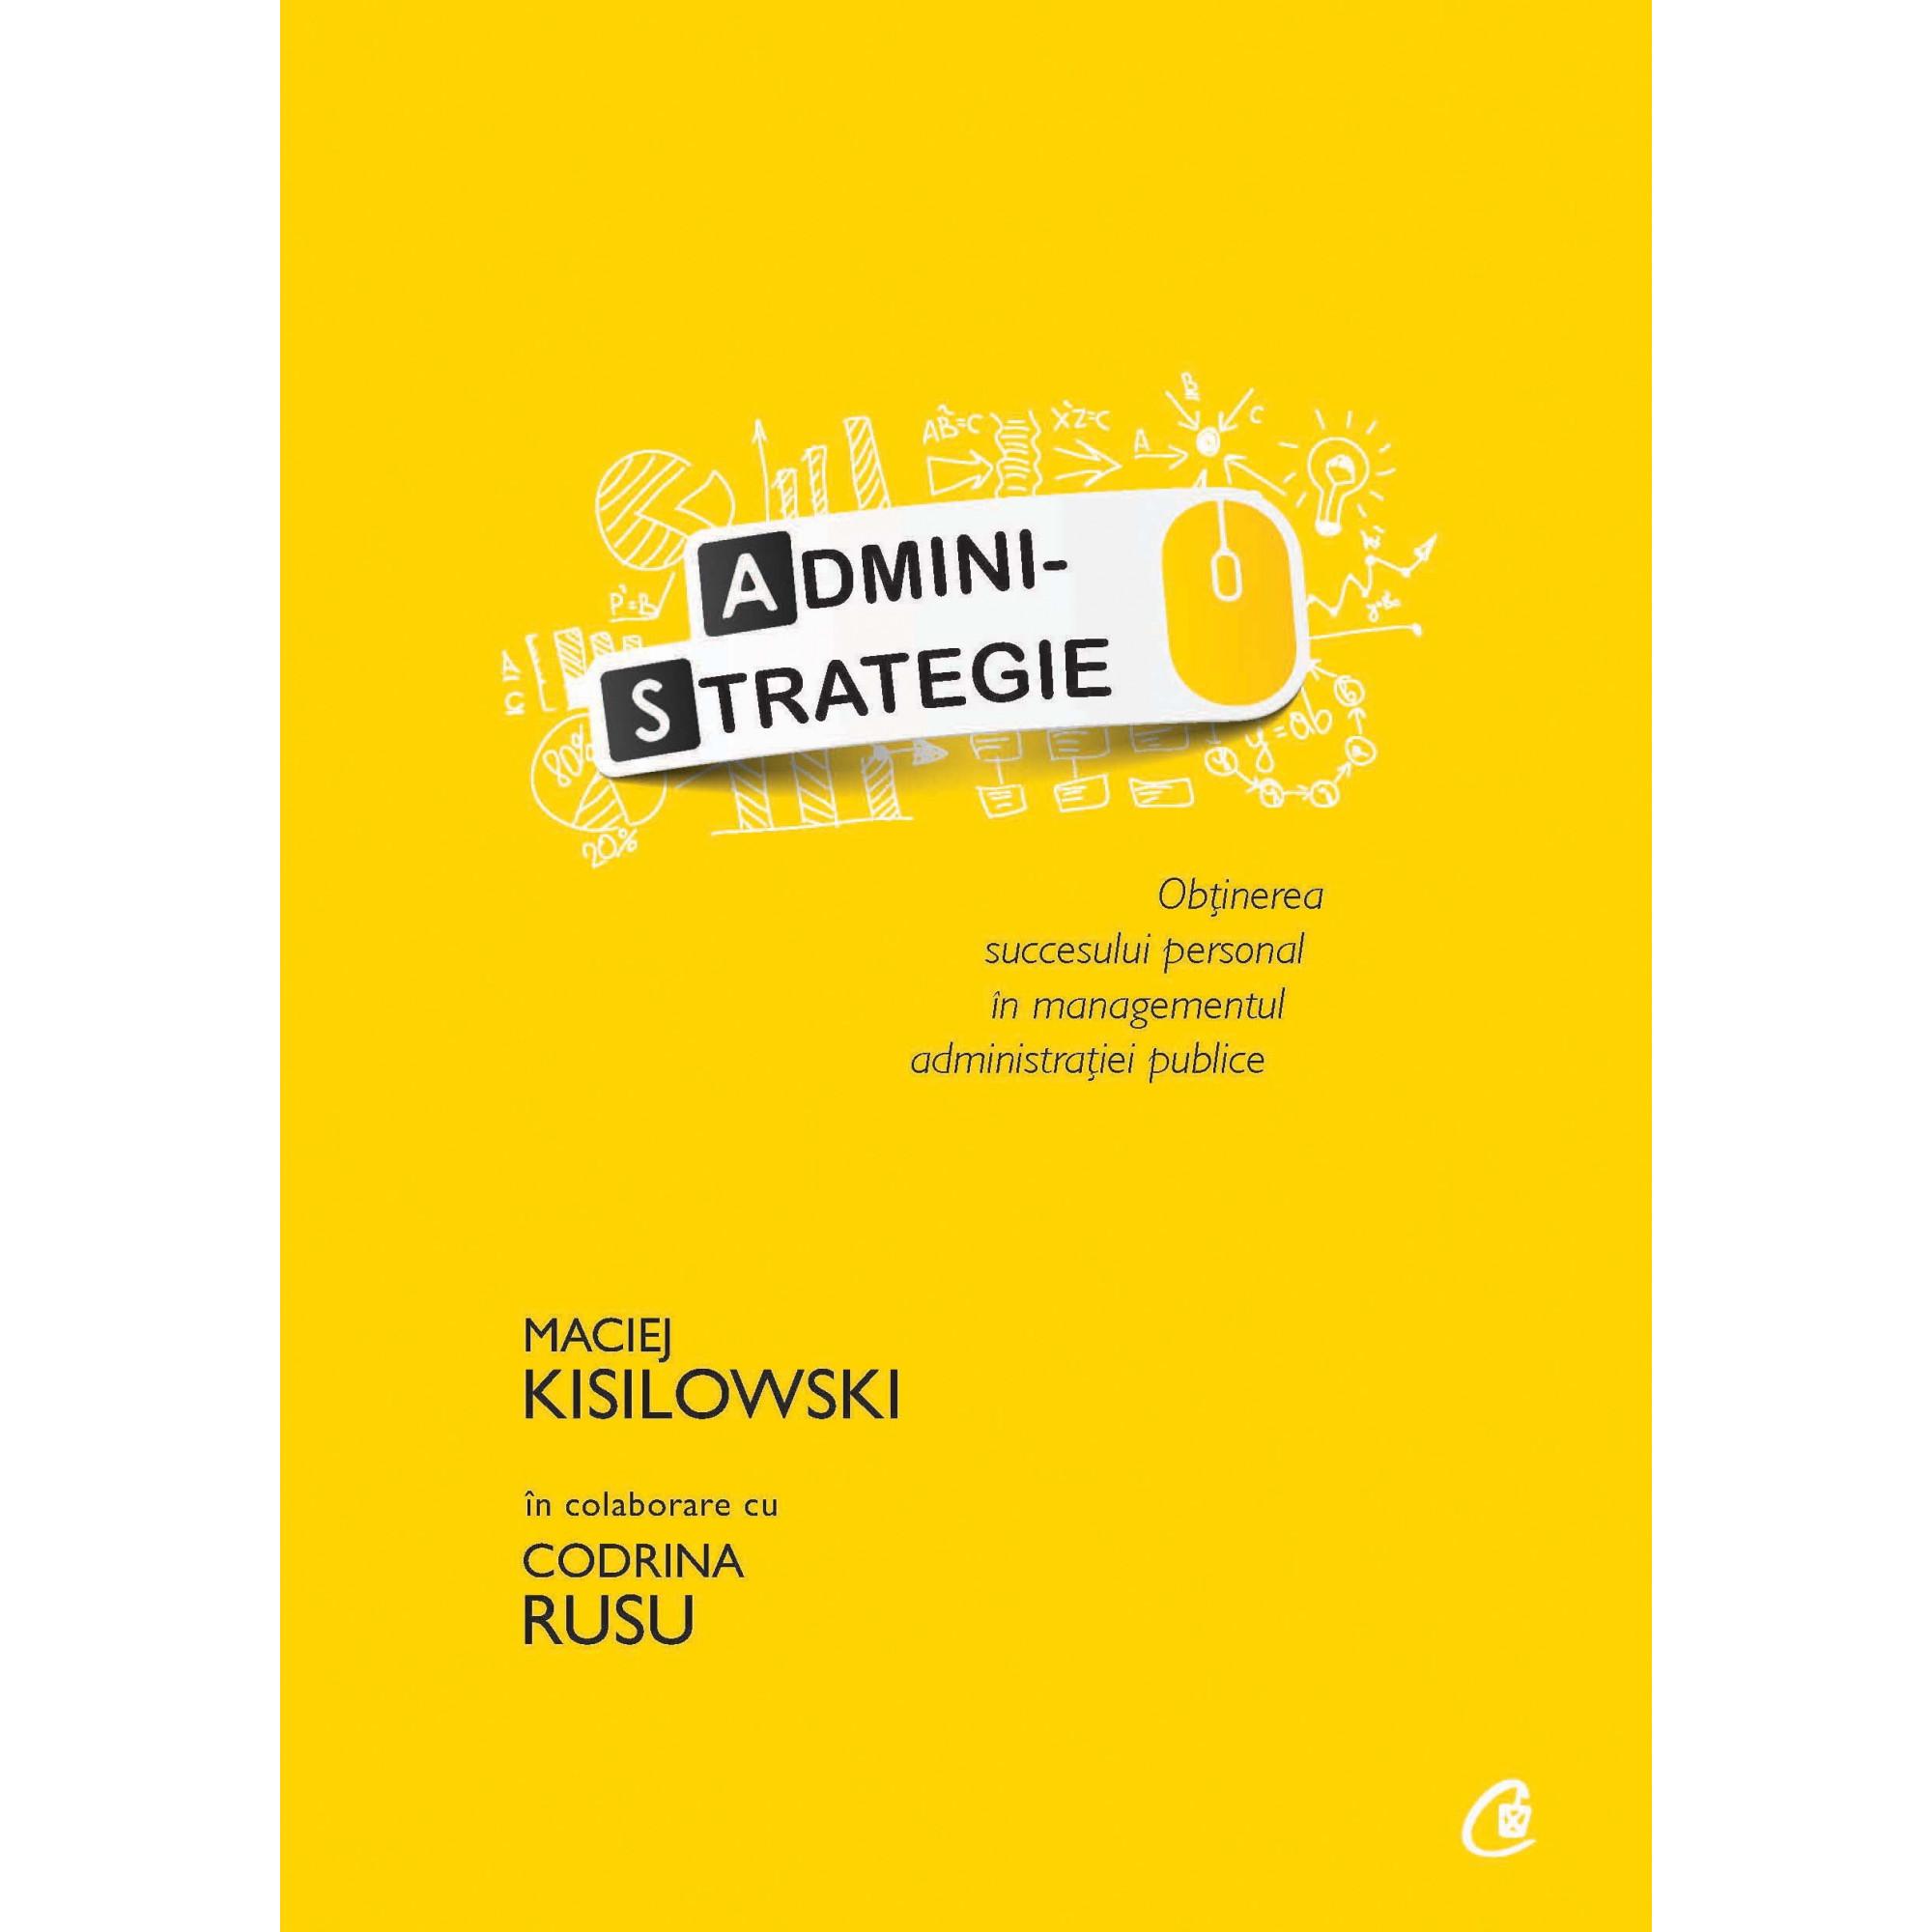 Administrategie. Obținerea succesului personal în managementul administrației publice; Maciej Kisilowski în colaborare cu Codrina Rusu